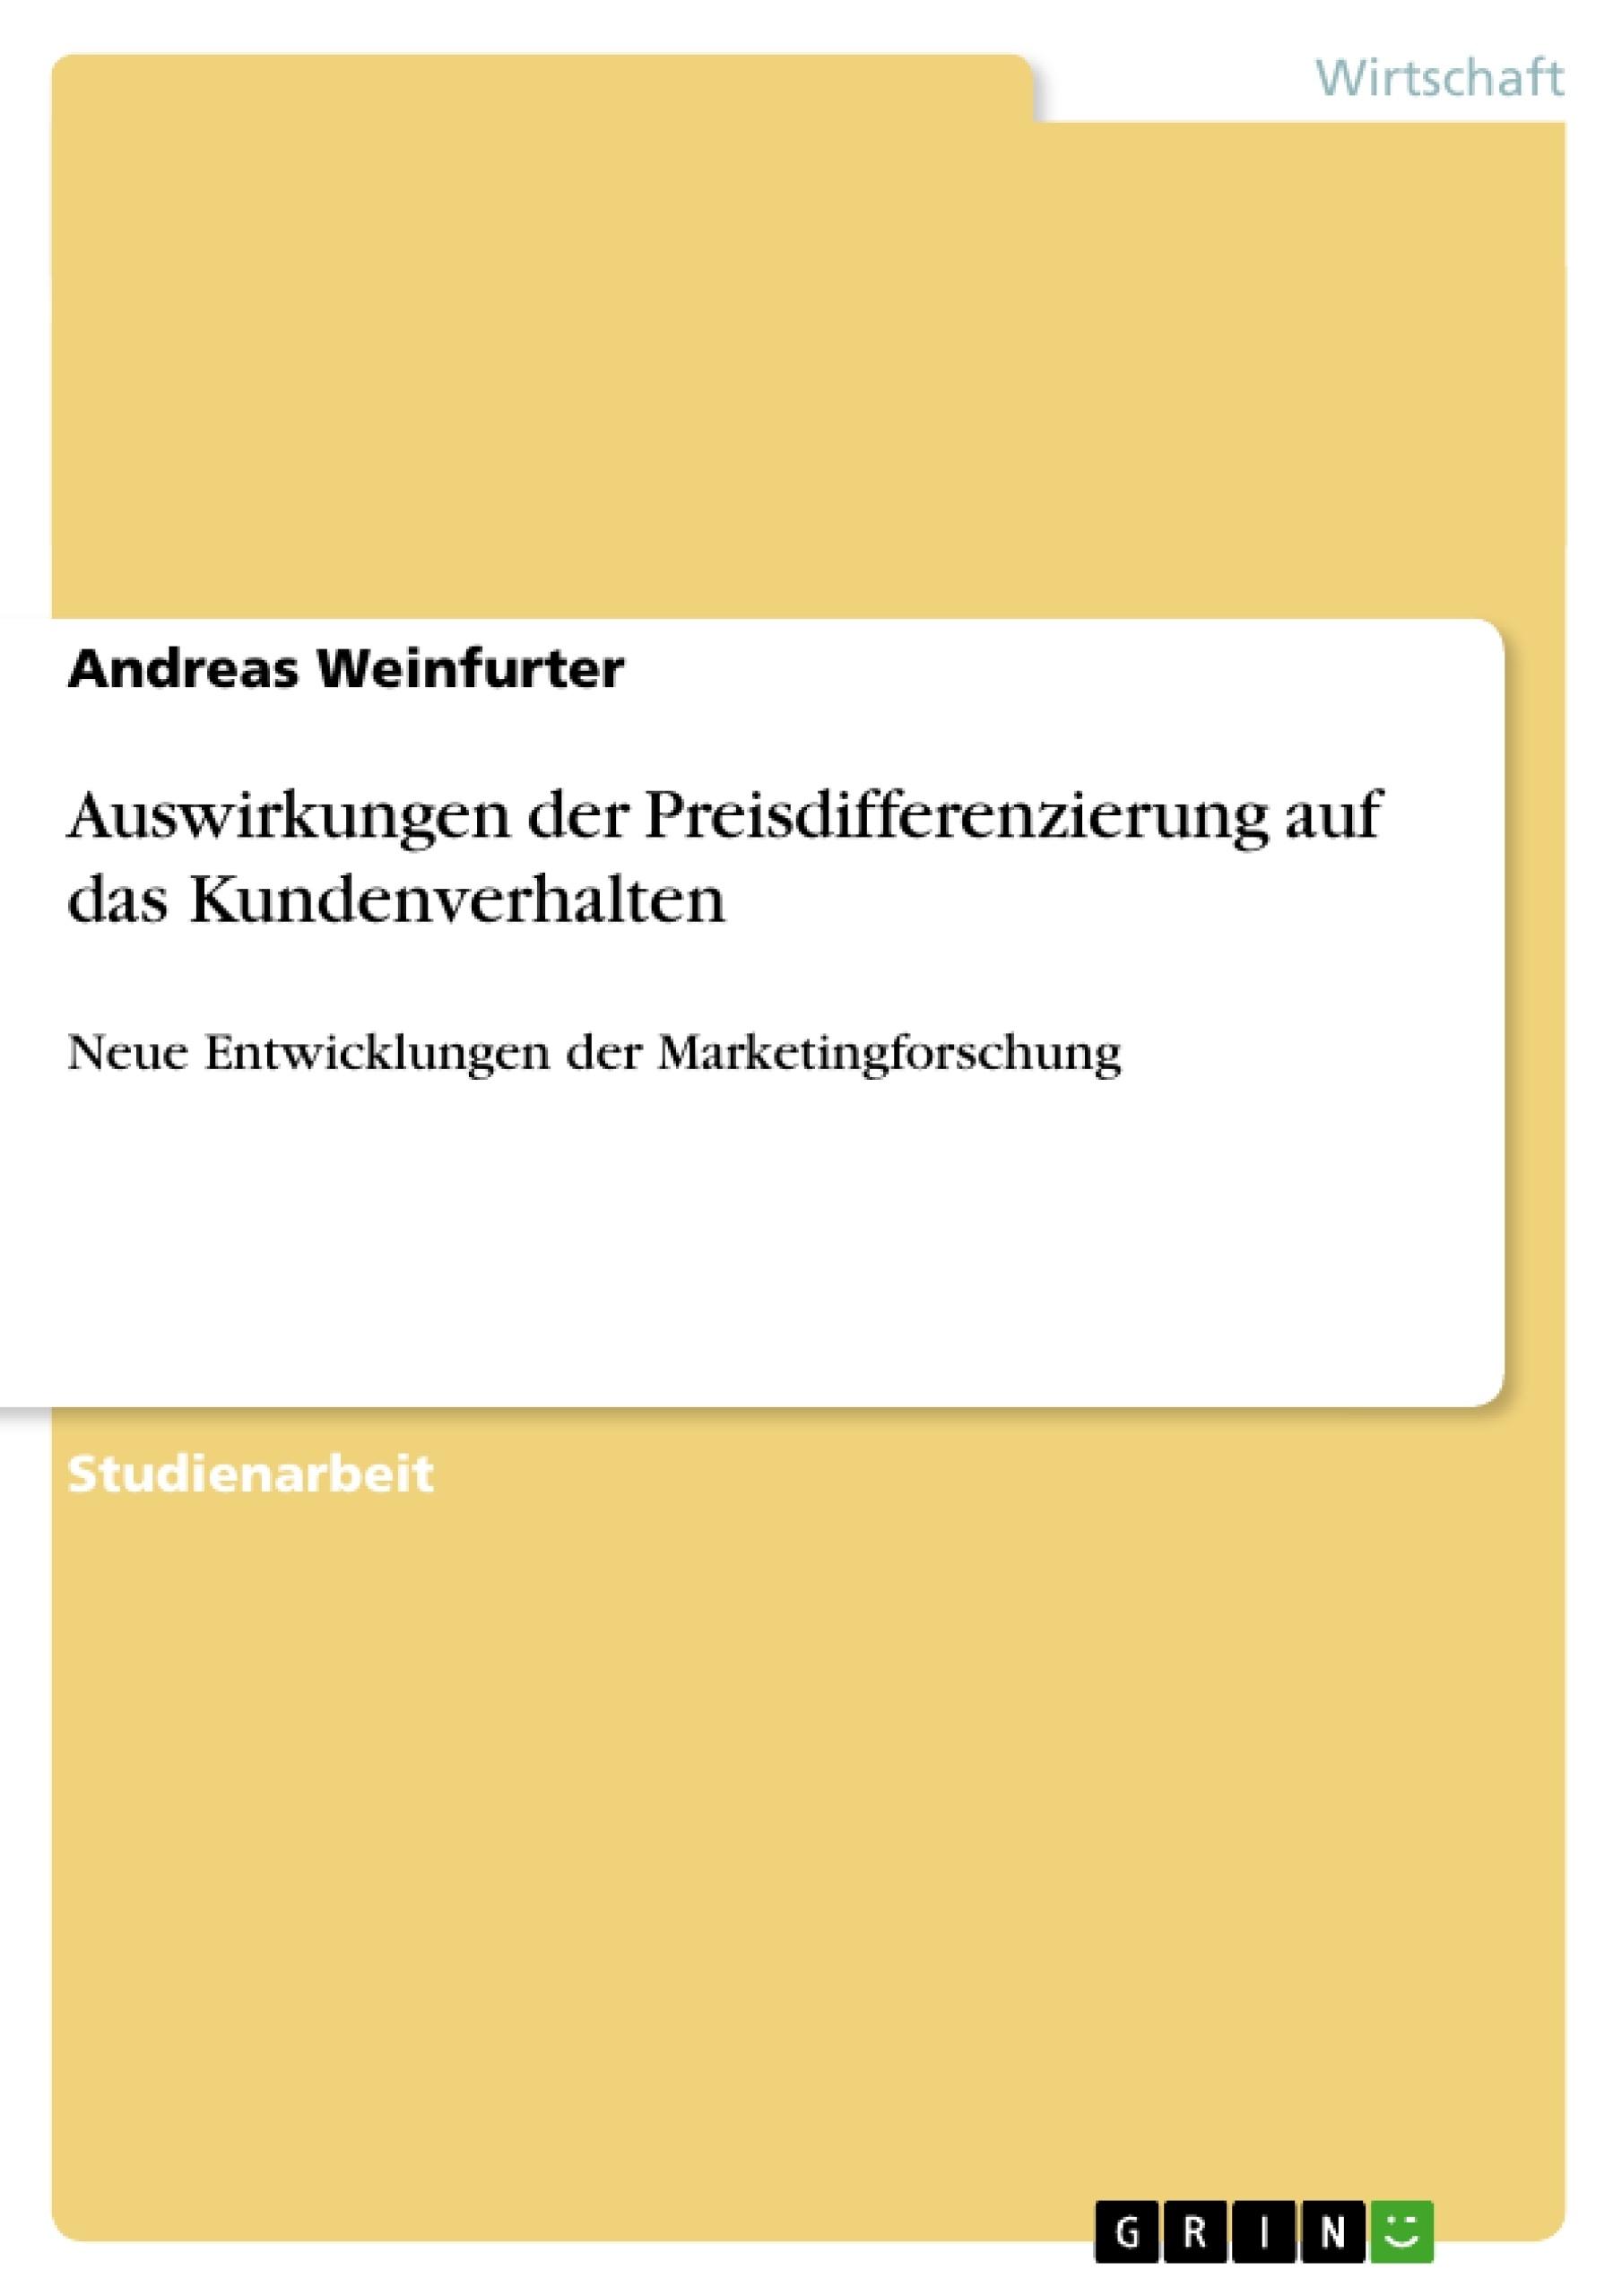 Titel: Auswirkungen der Preisdifferenzierung auf das Kundenverhalten